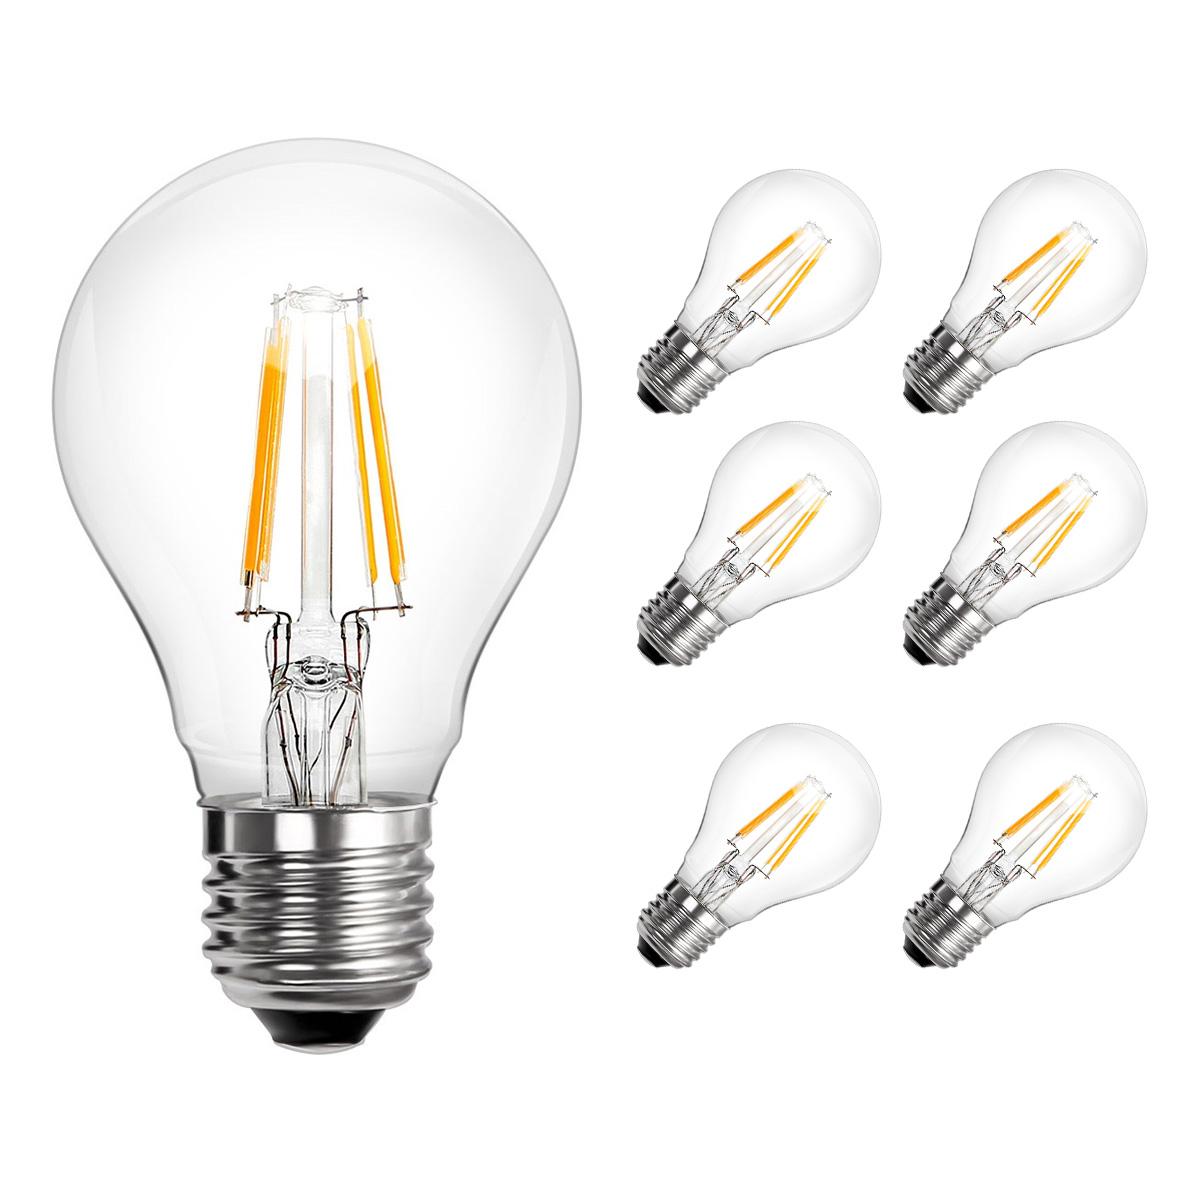 [Bündel] 4W A60 LED Glühfaden Birnen, 360° Strahler, Ersatz für 40W Glühlampe, Warmweiß, 6er Set